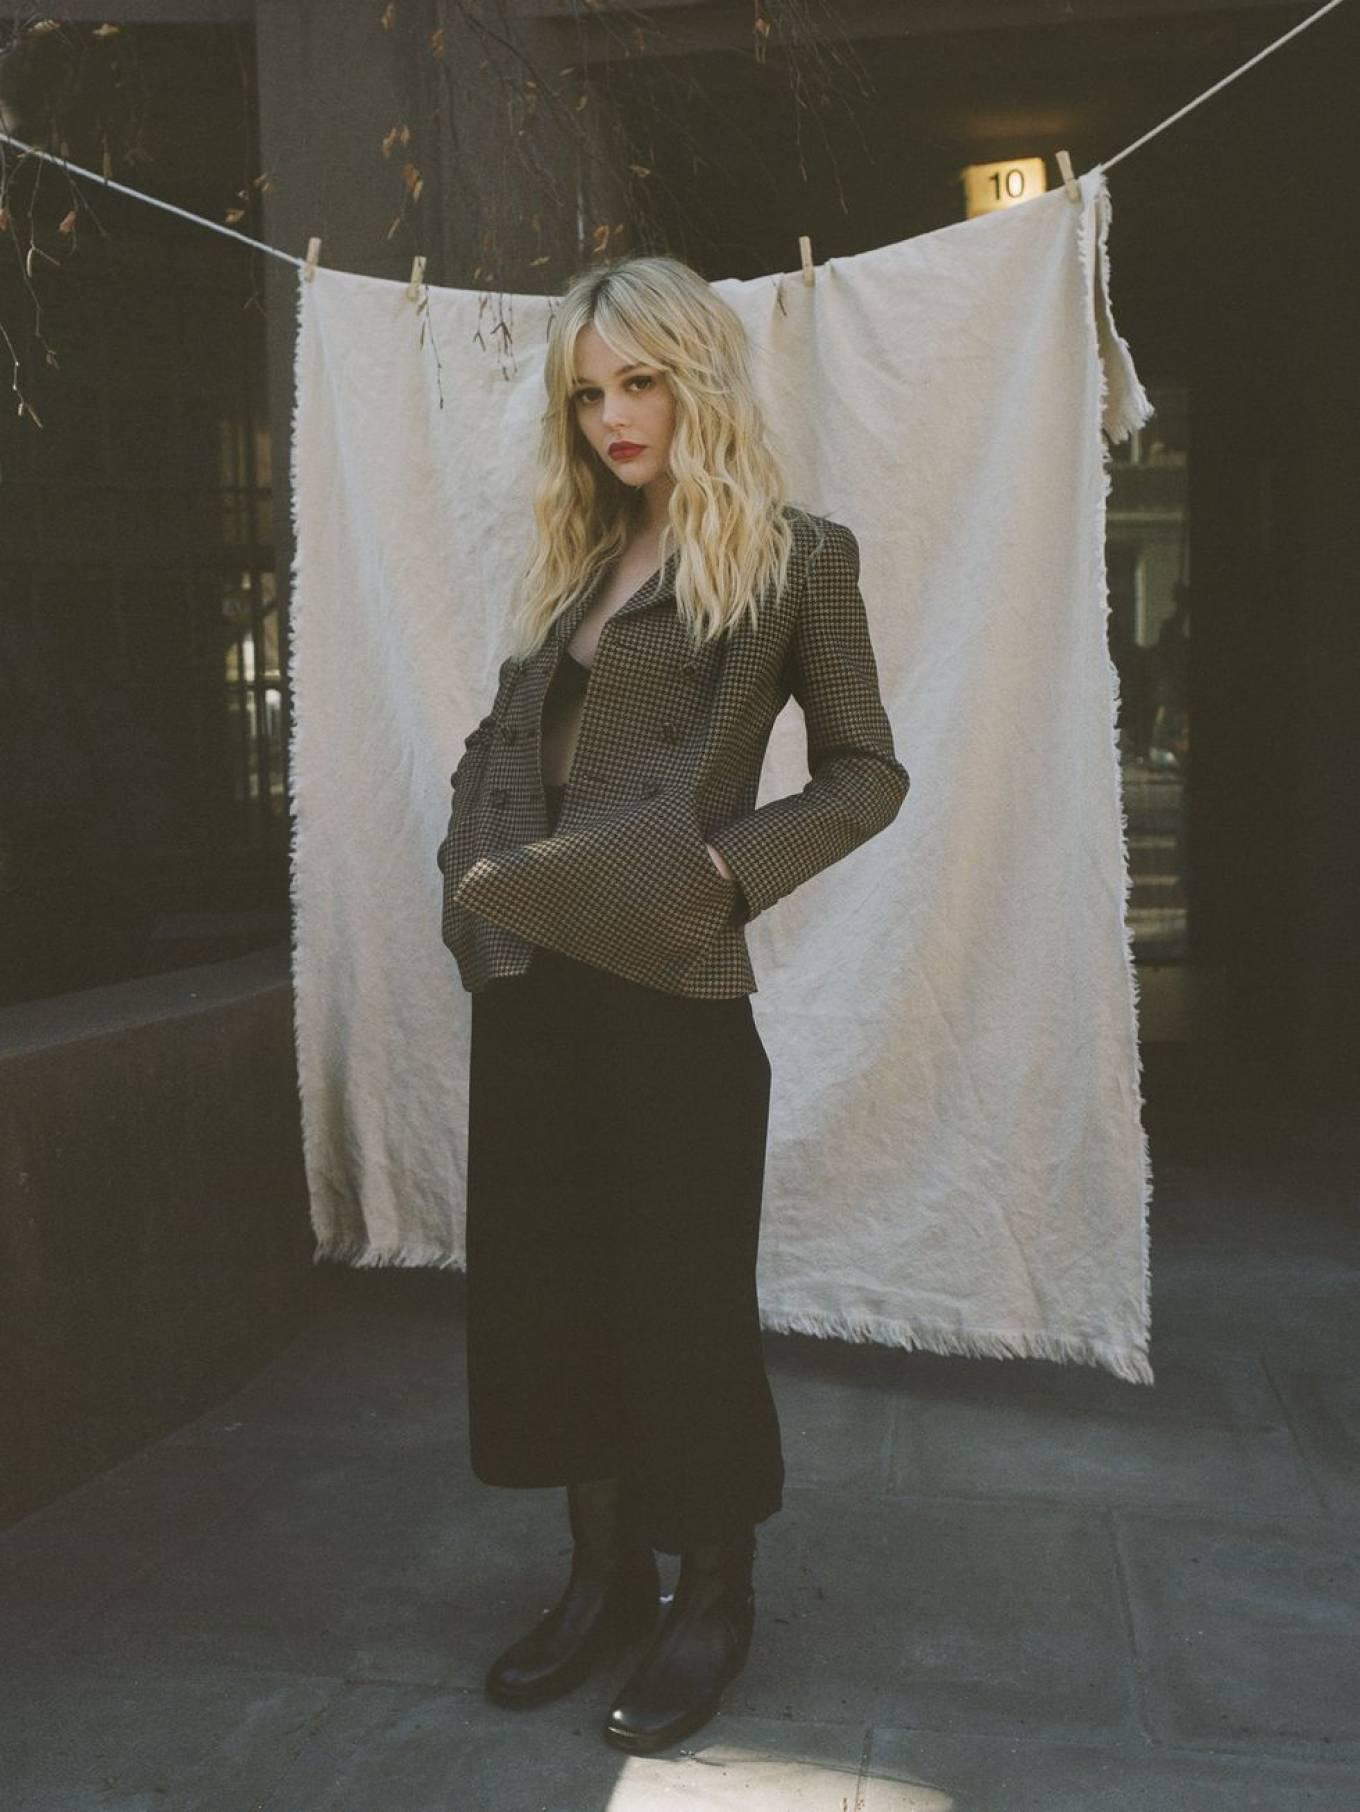 Emily Alyn Lind 2021 : Emily Alyn Lind – Harpers Bazaar (March 2021)-04